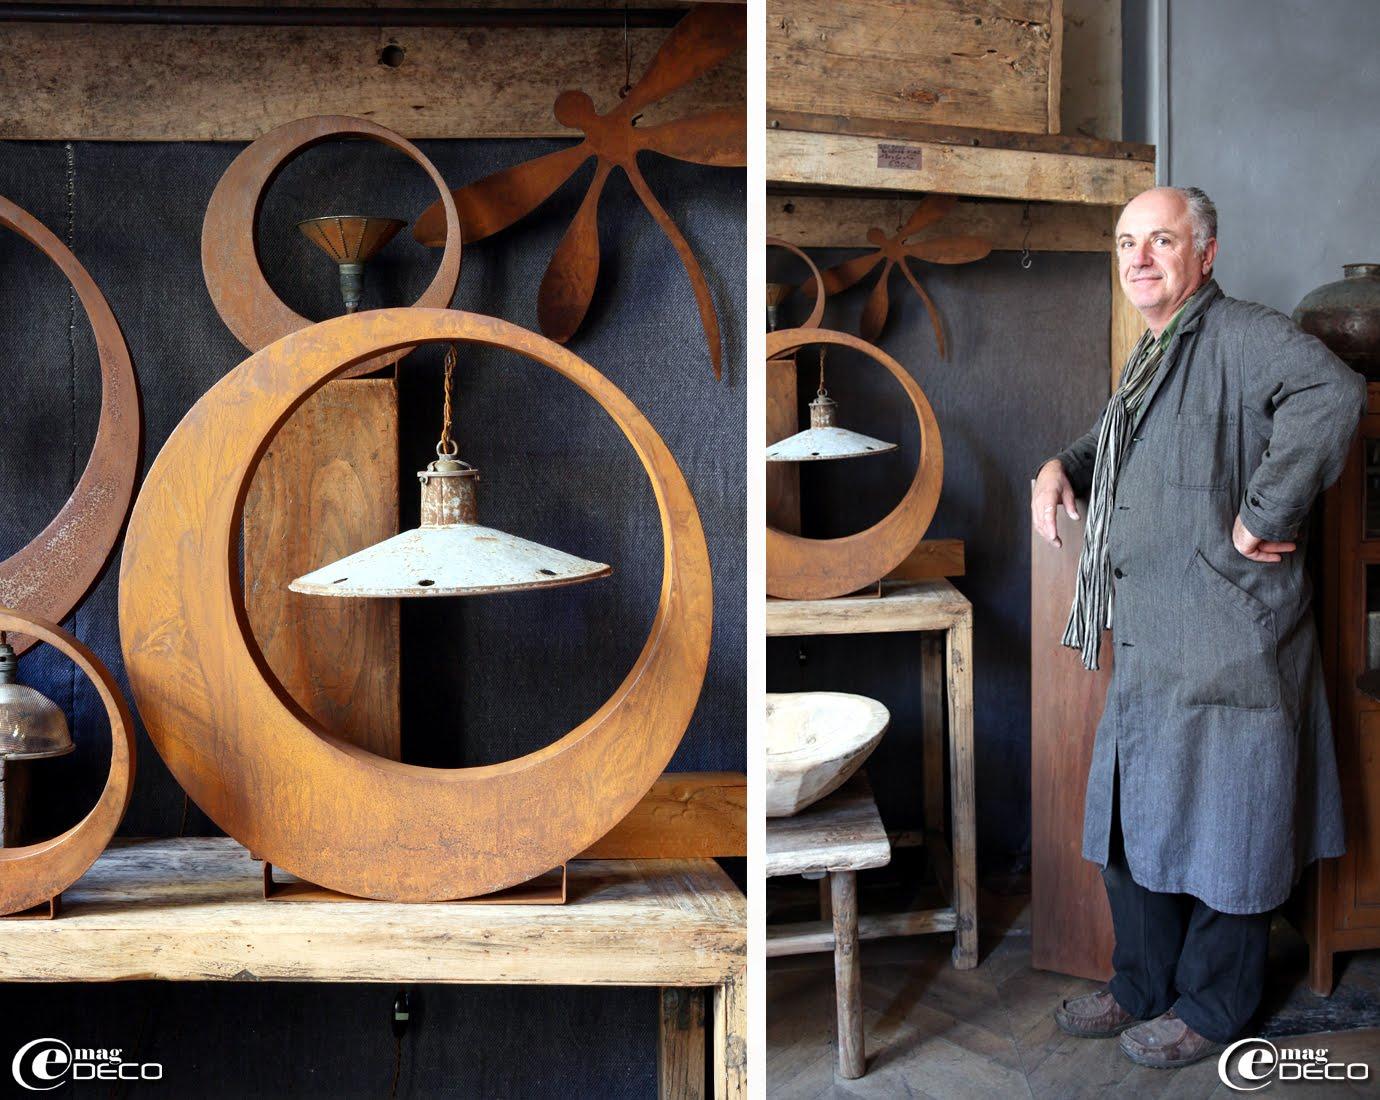 Dans une forme simple et très graphique en métal rouillé, Jean-Luc Gonsard, créateur et propriétaire de la boutique 'Métamorphoses' à Bellême, installe un réflecteur électrifié pour créer une lampe à poser